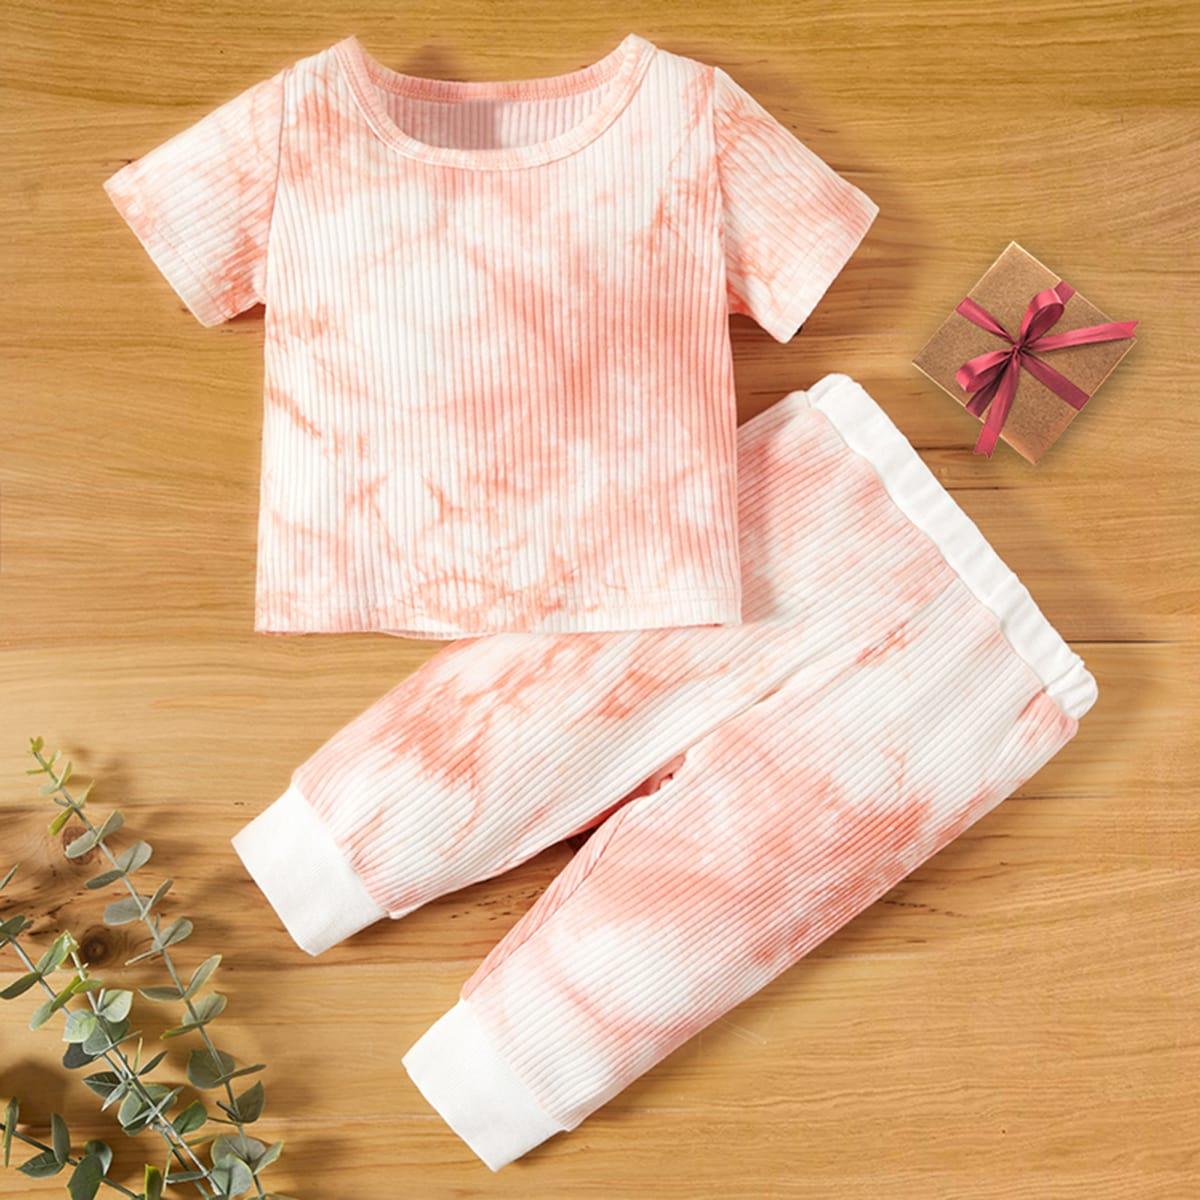 SHEIN Casual Tie dye Baby-setjes Geplisseerde